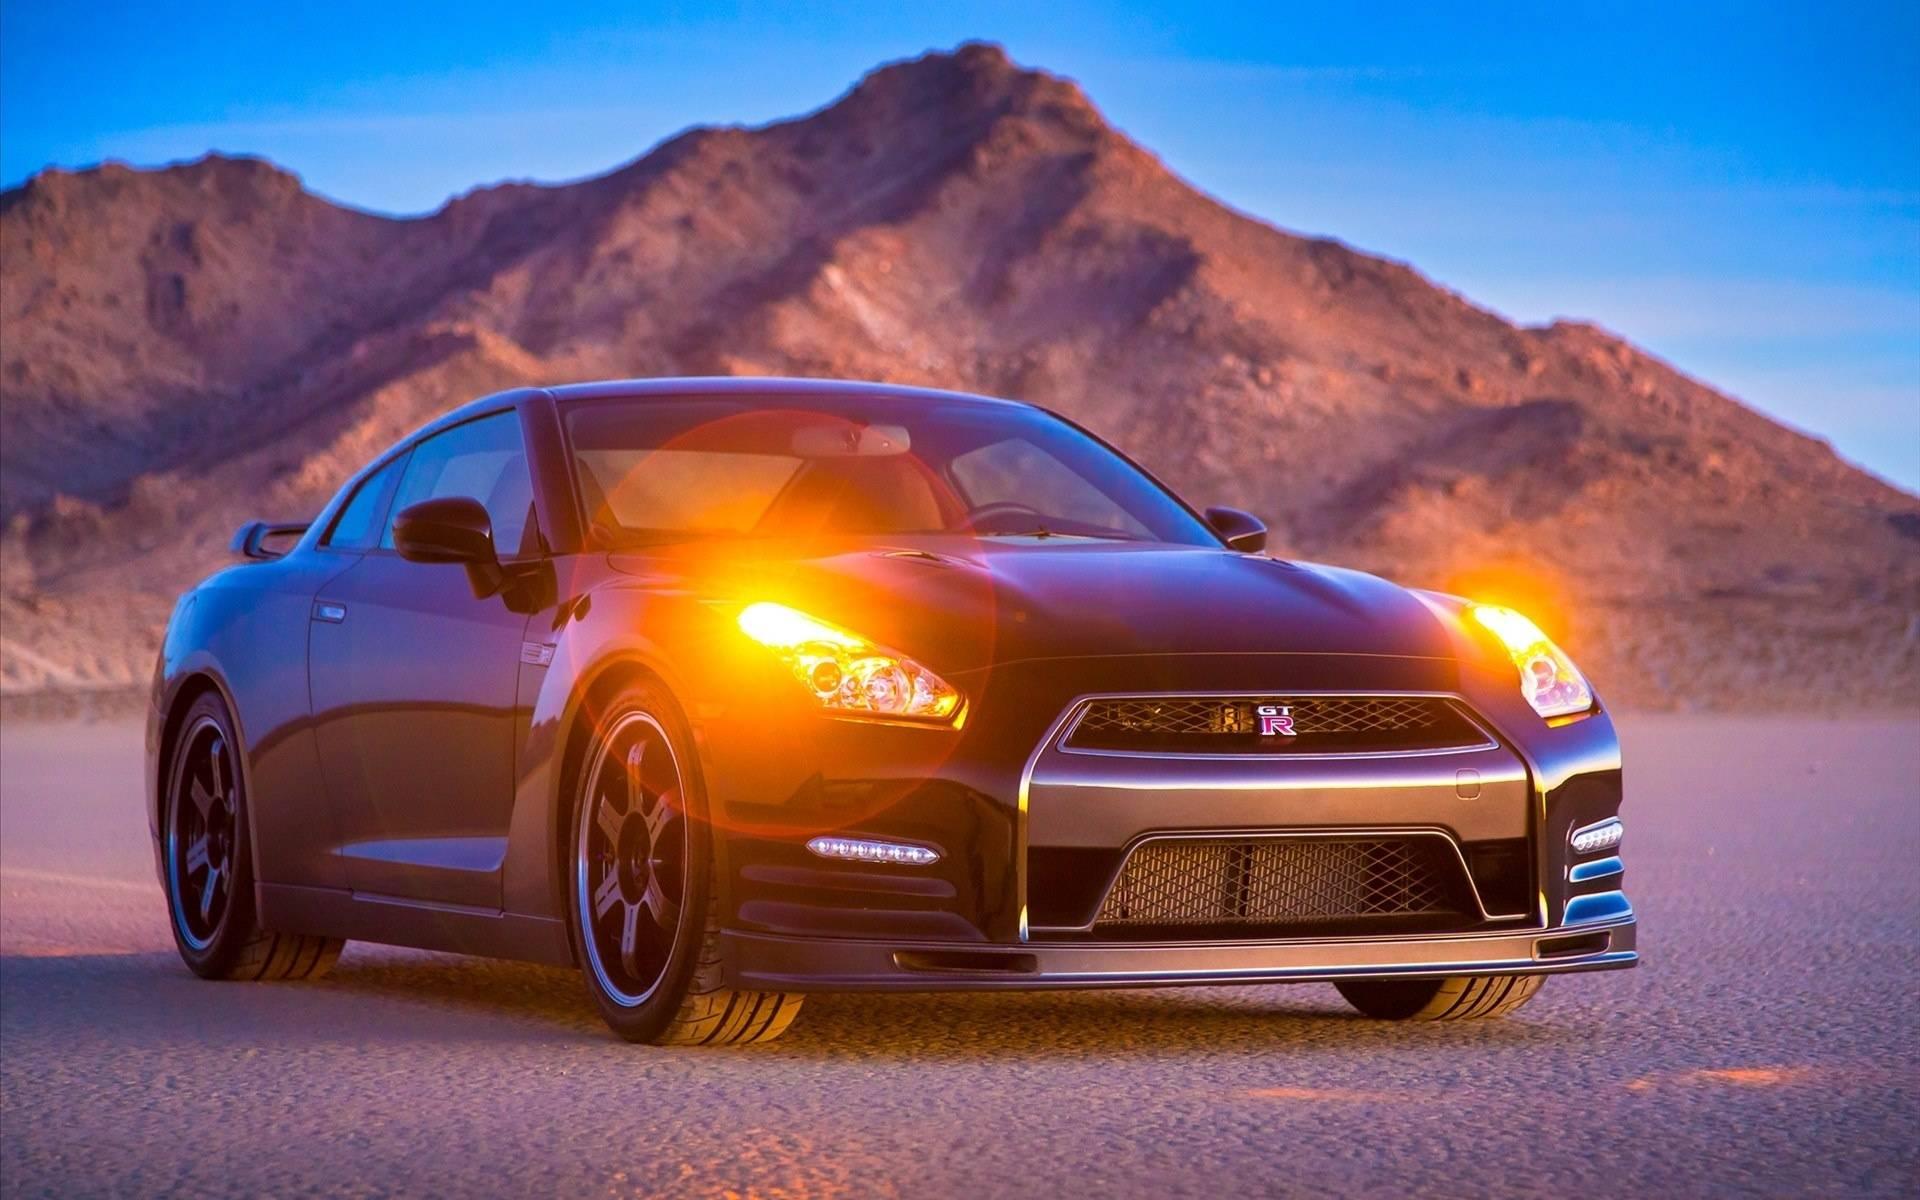 обои Nissan GT-R, черный, аварийные огни, гора картинки фото